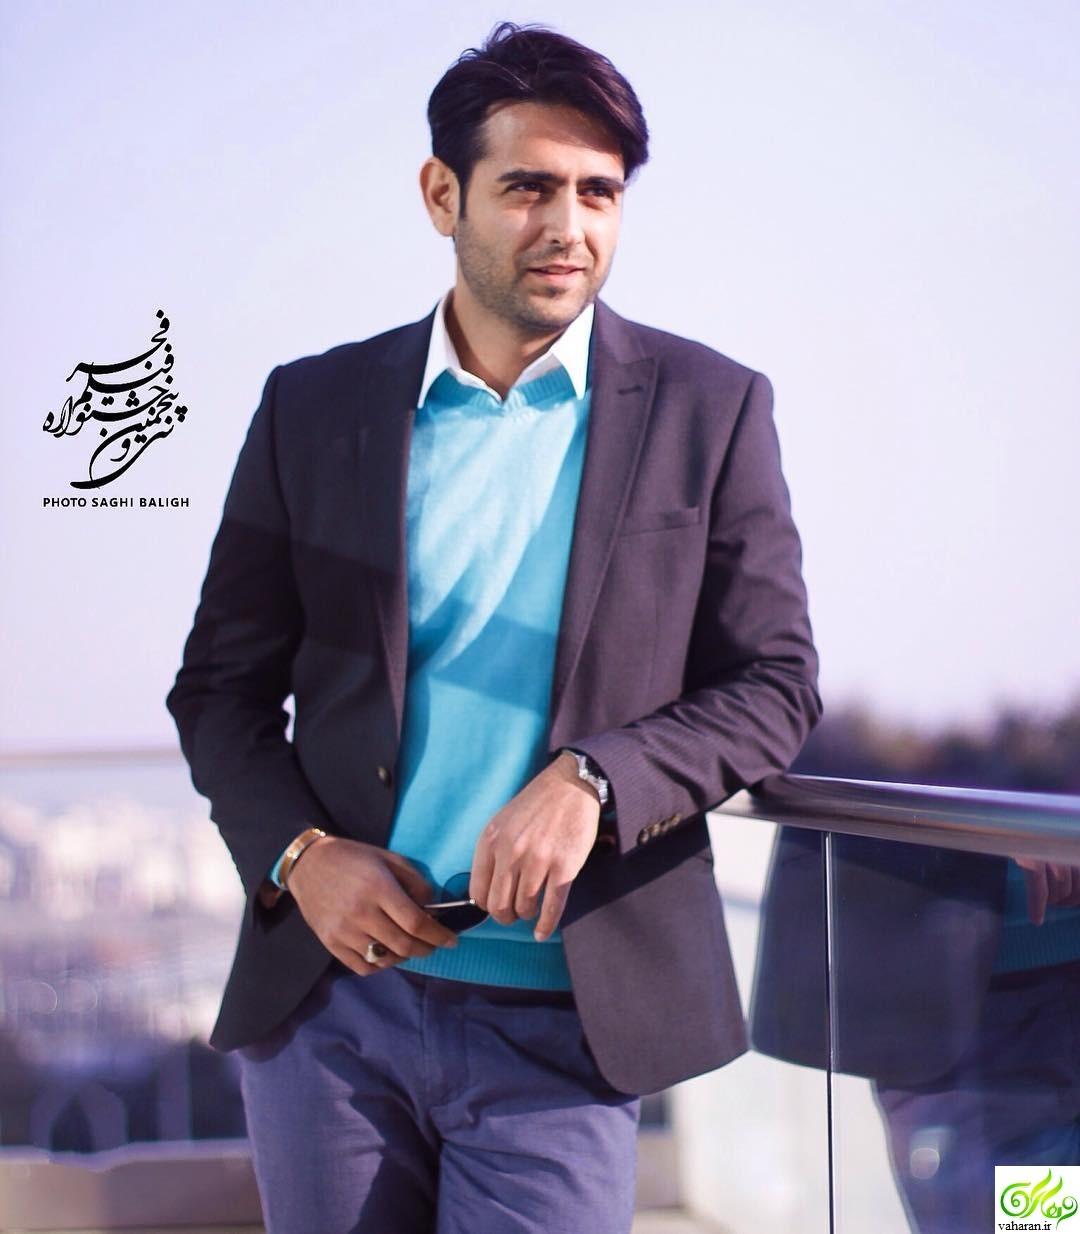 عکس های جذاب امیرحسین آرمان در جشنواره فجر 95